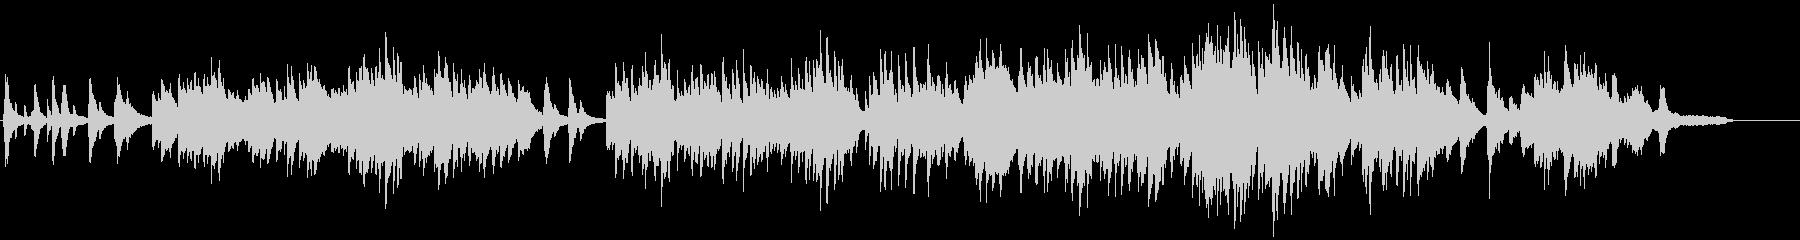 ふるさと(ピアノソロ)の未再生の波形